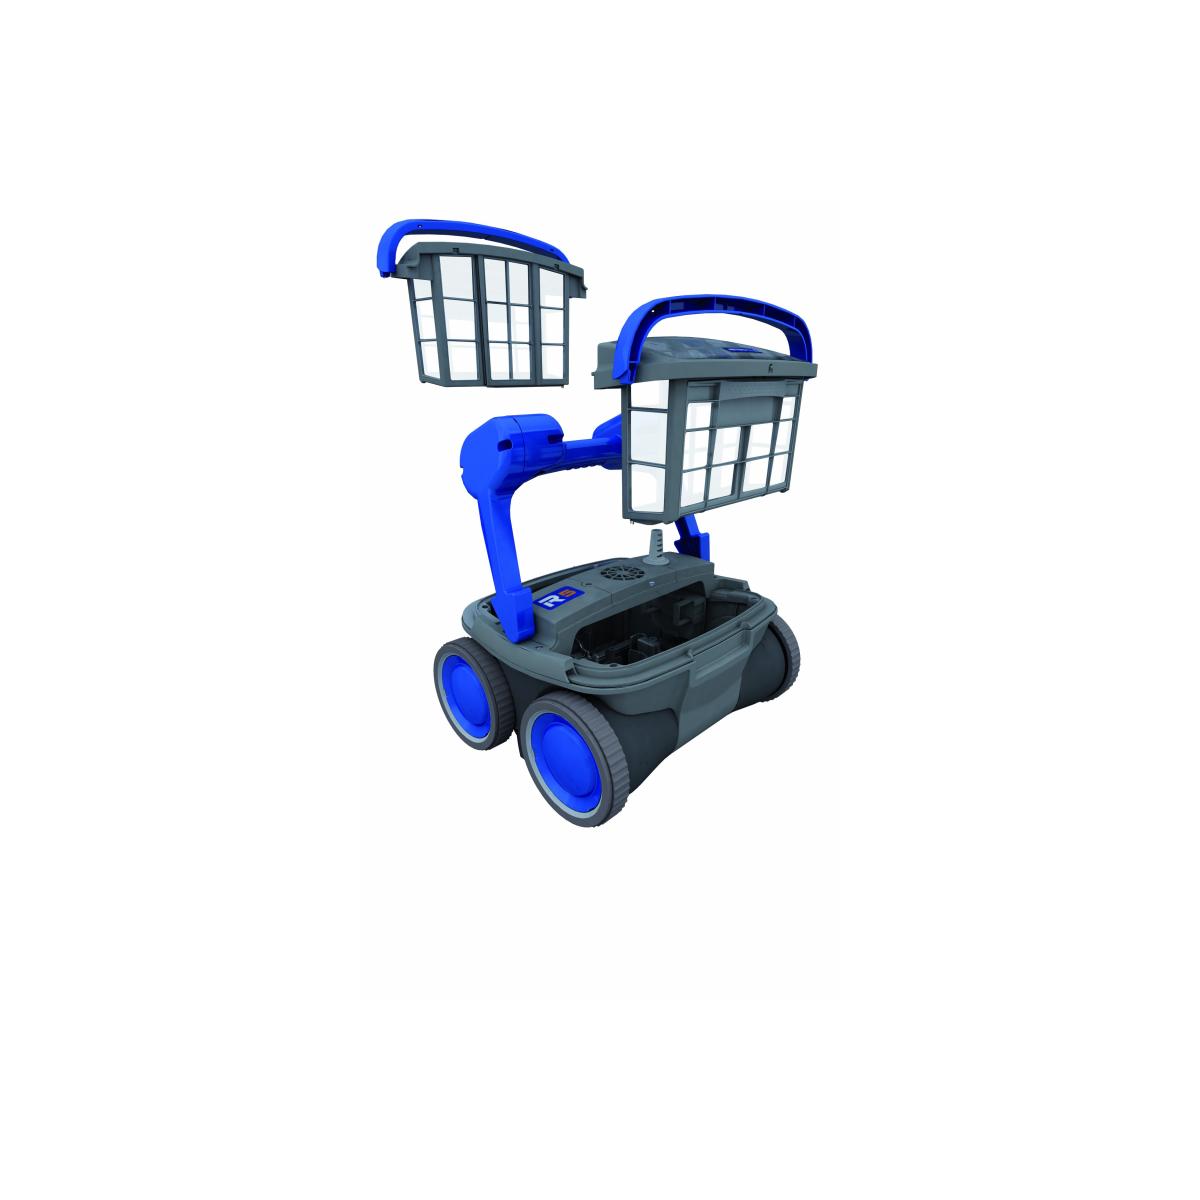 Astralpool Robot limpiafondos R5 para suelo y pared